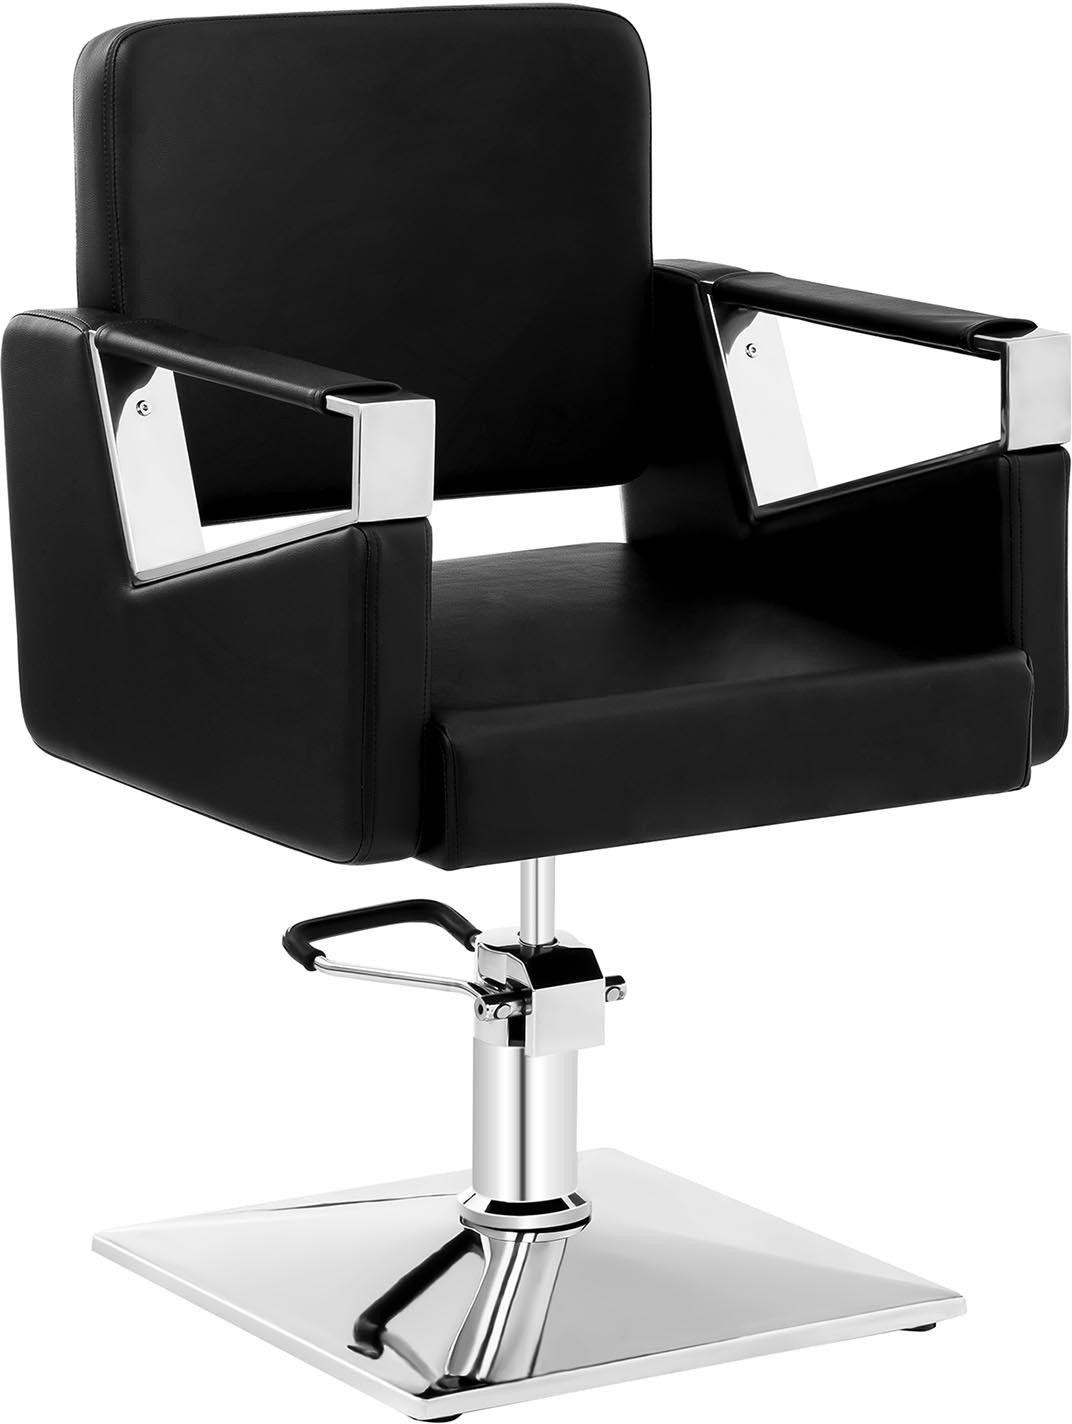 Fotel fryzjerski Physa Bristol czarny - Bristol Black - 3 LATA GWARANCJI / WYSYŁKA W 24H ZA 0 ZŁ!